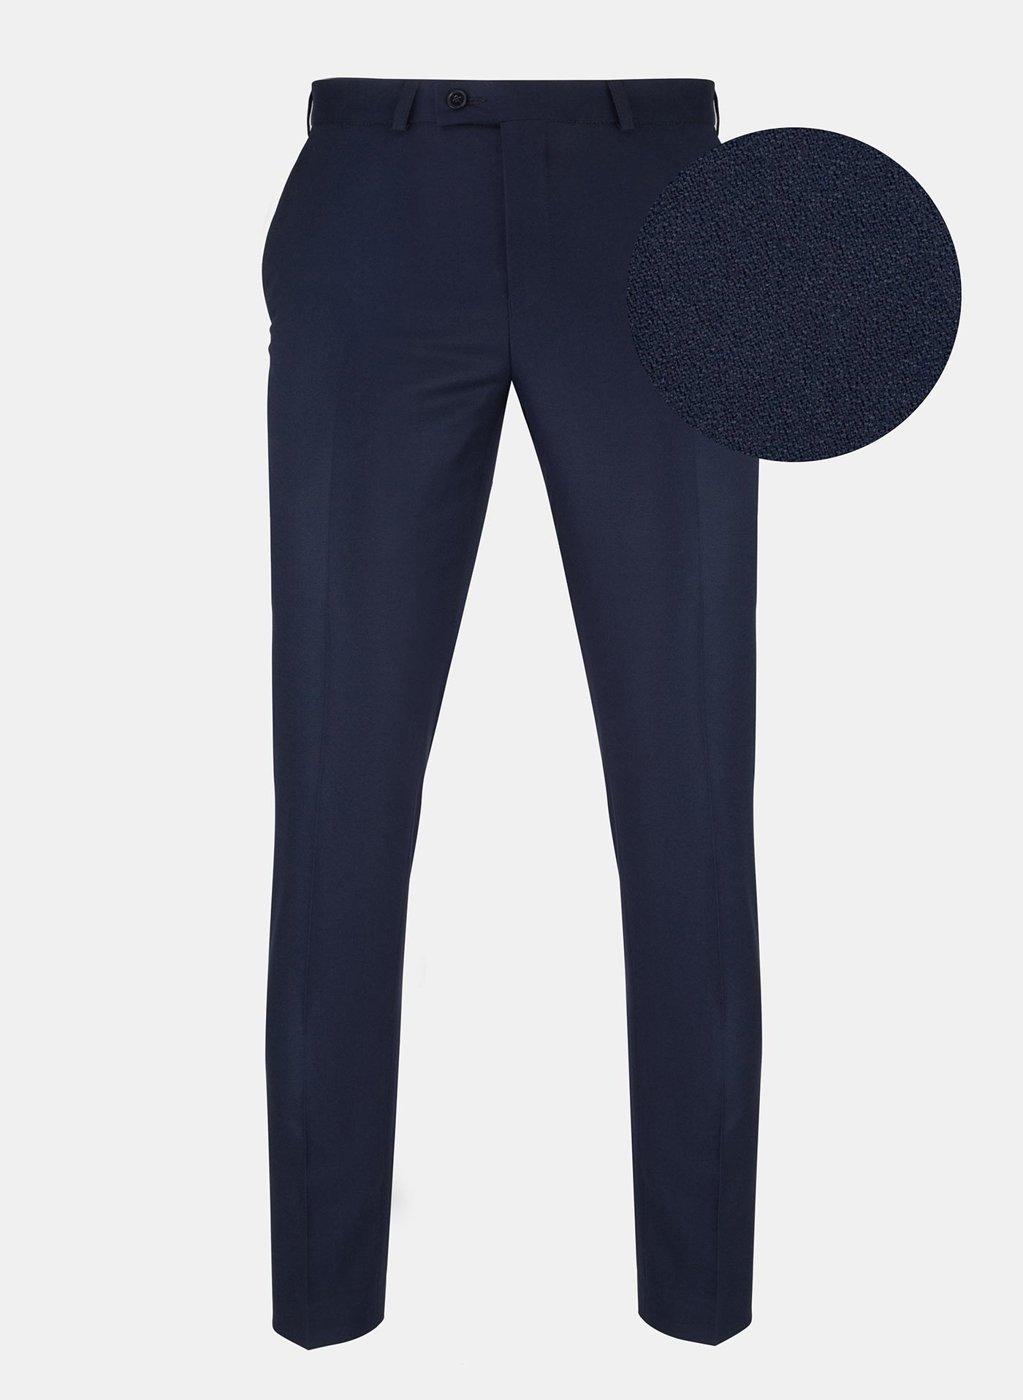 Spodnie męskie garniturowe BIAGIO PLM-6G-190-G